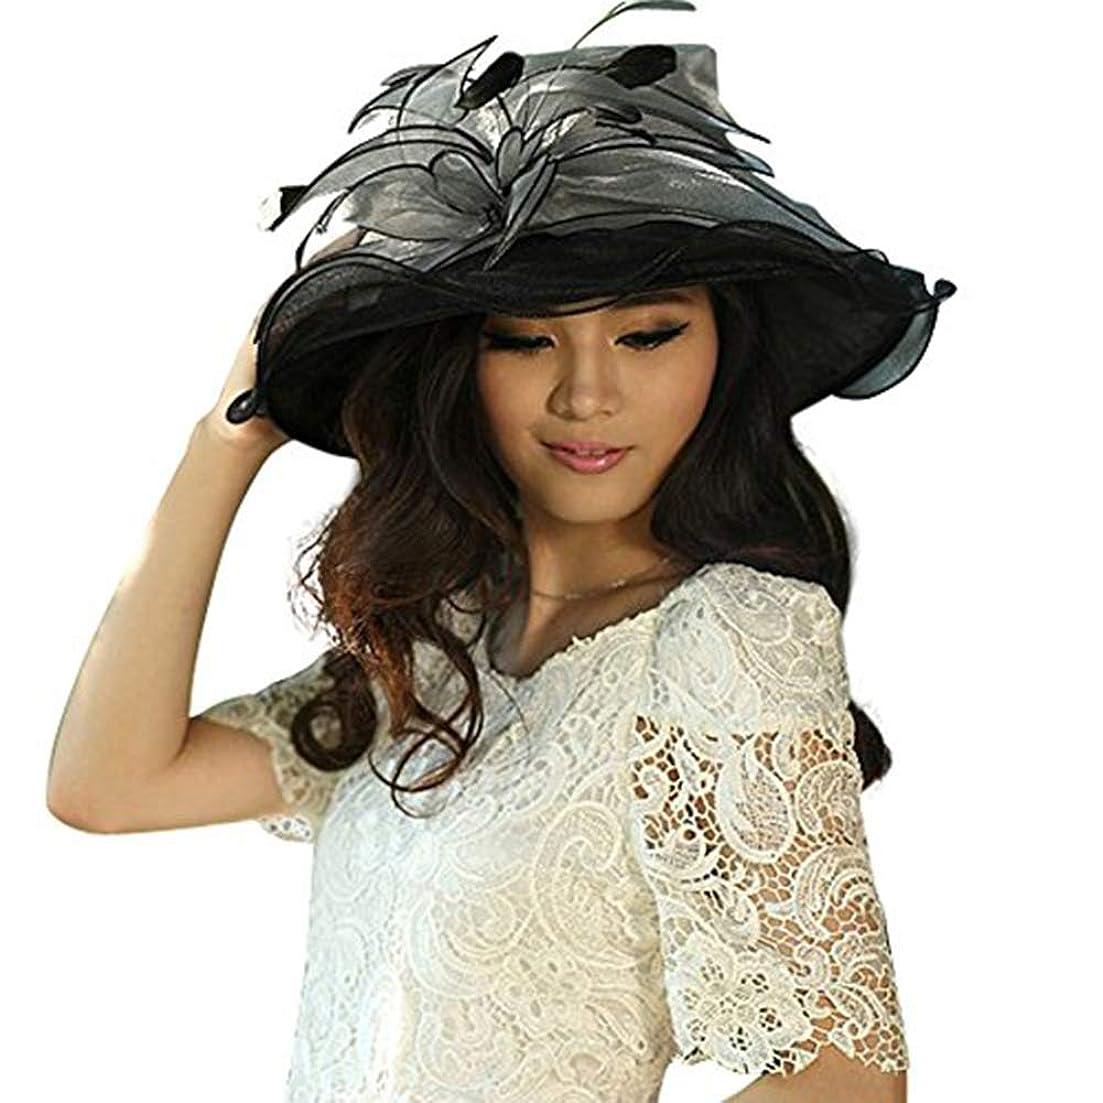 予測定数飢え6月のYoungレディース帽子ブラック帽子ビーチ帽子UV保護forケンタッキーダービー